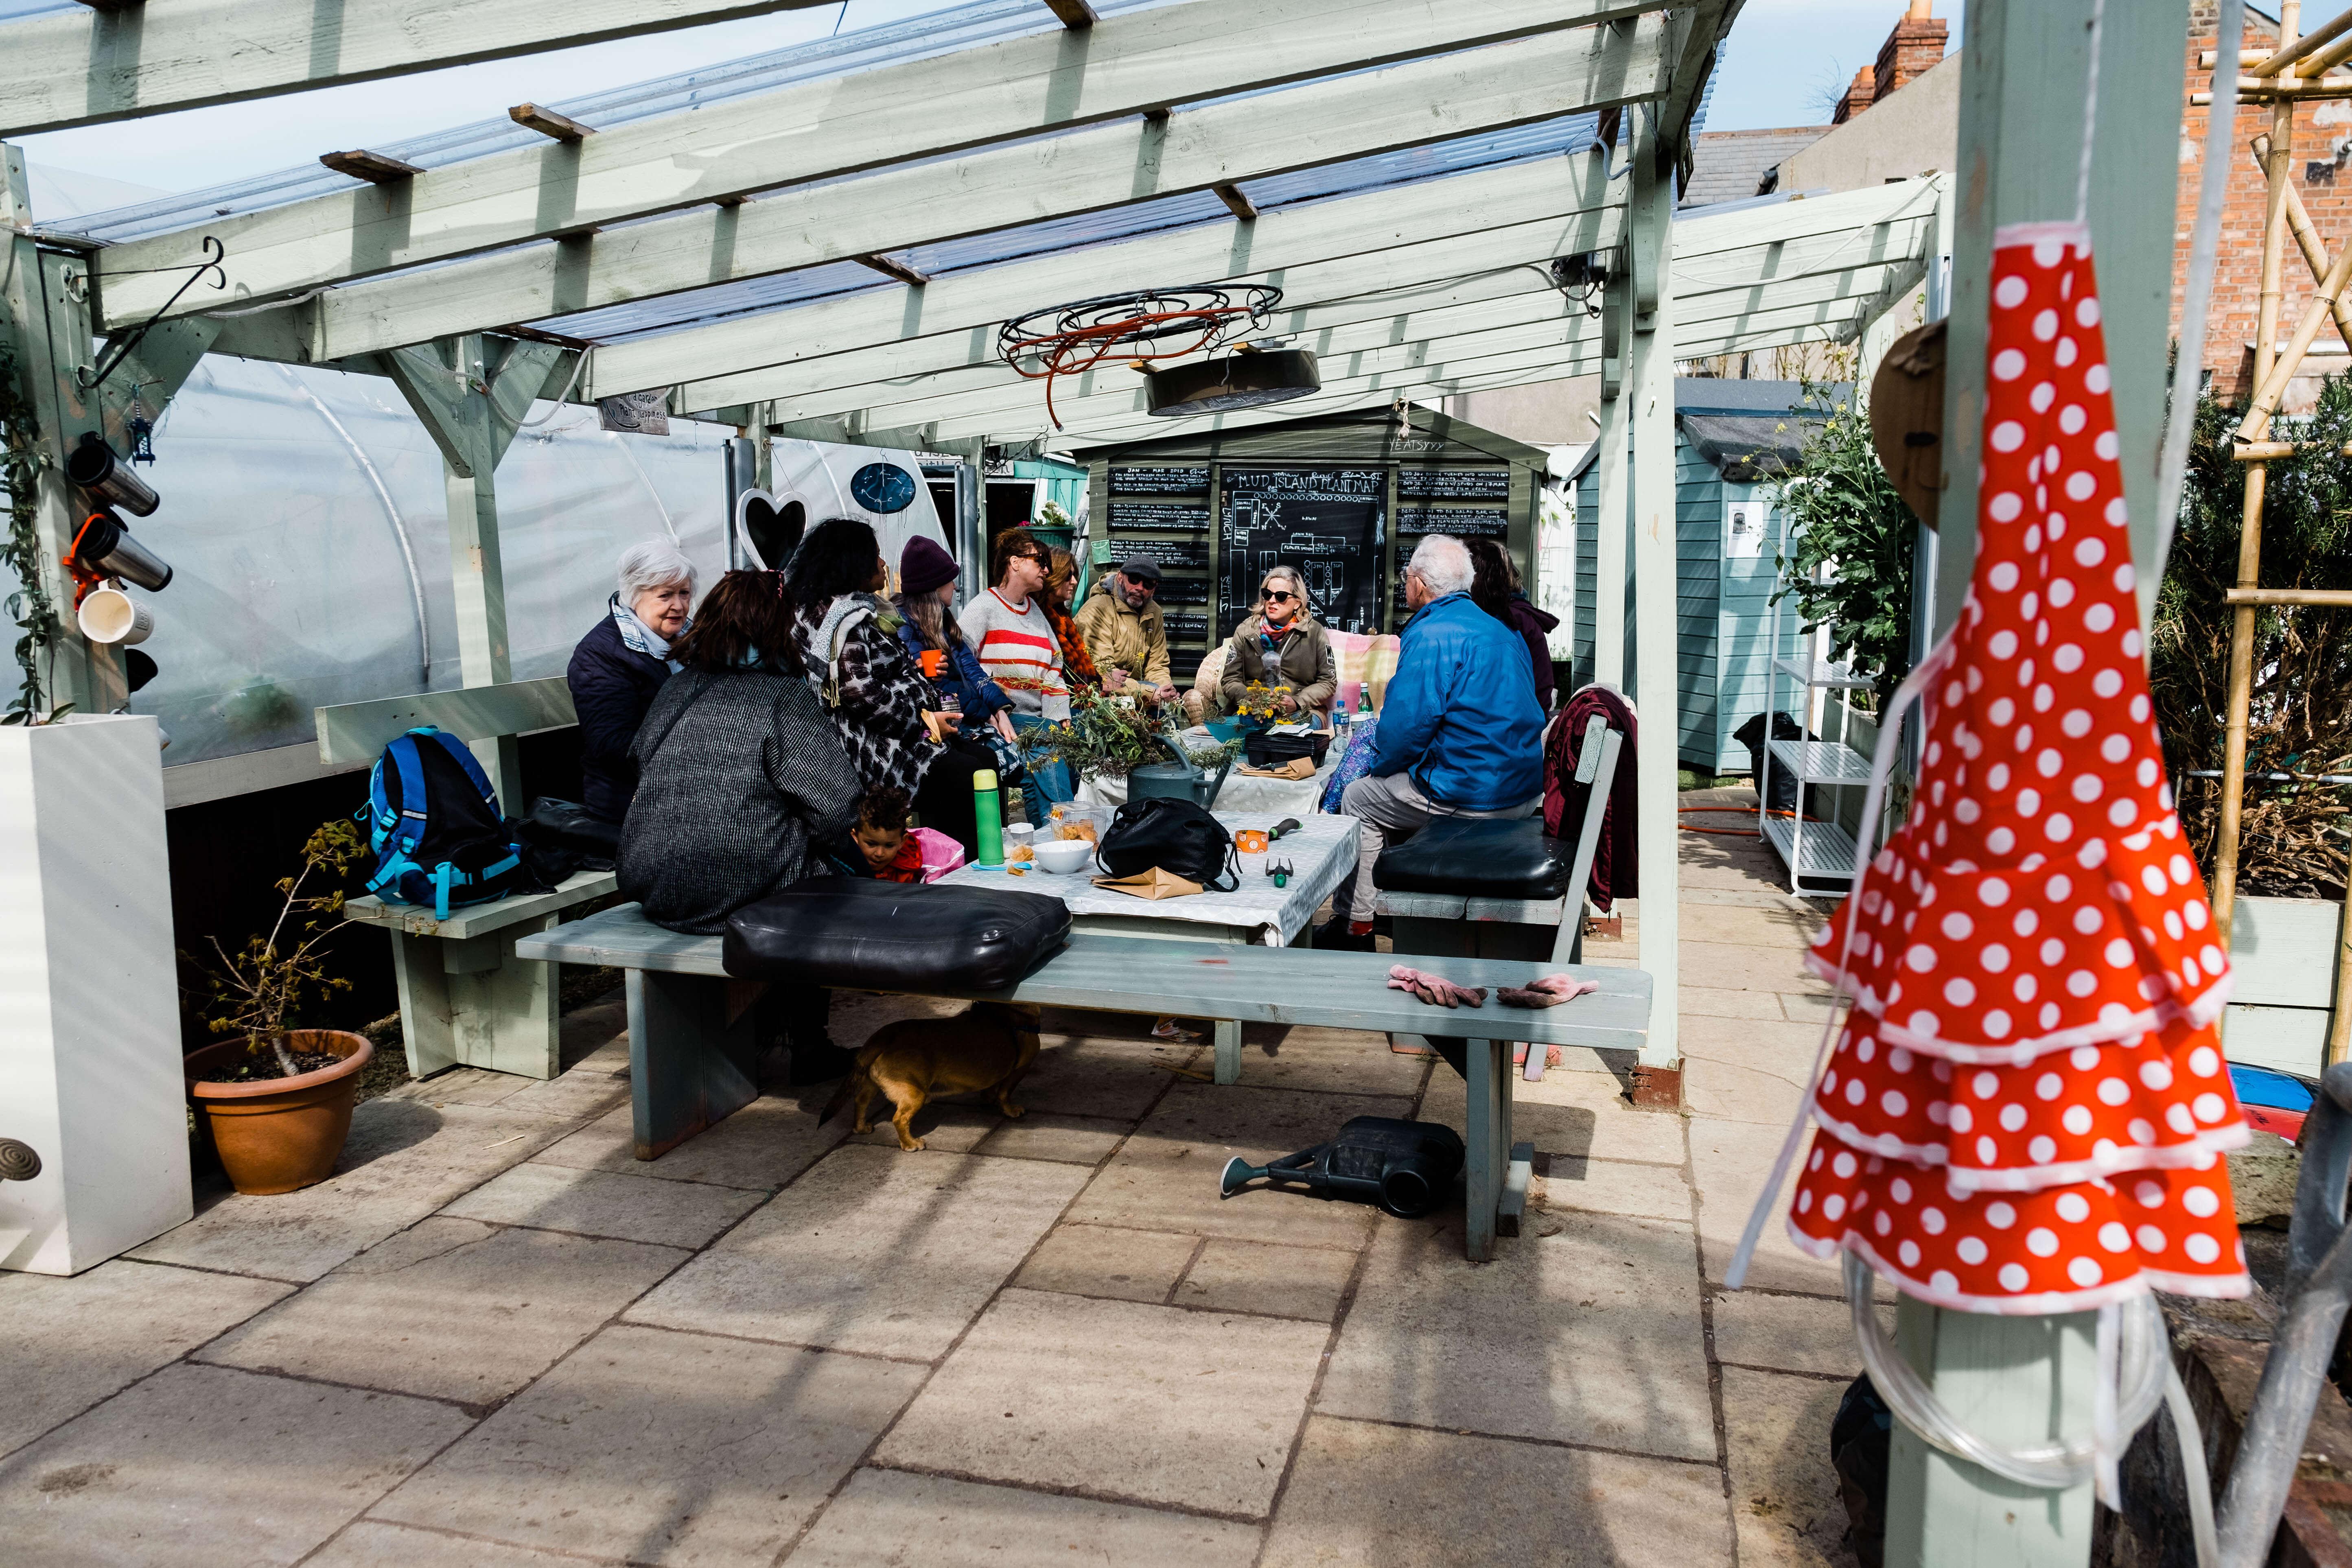 Mud Island Community Garden, Portraits, Portrait photography, portrait photographer Dublin, Faces of Fairview